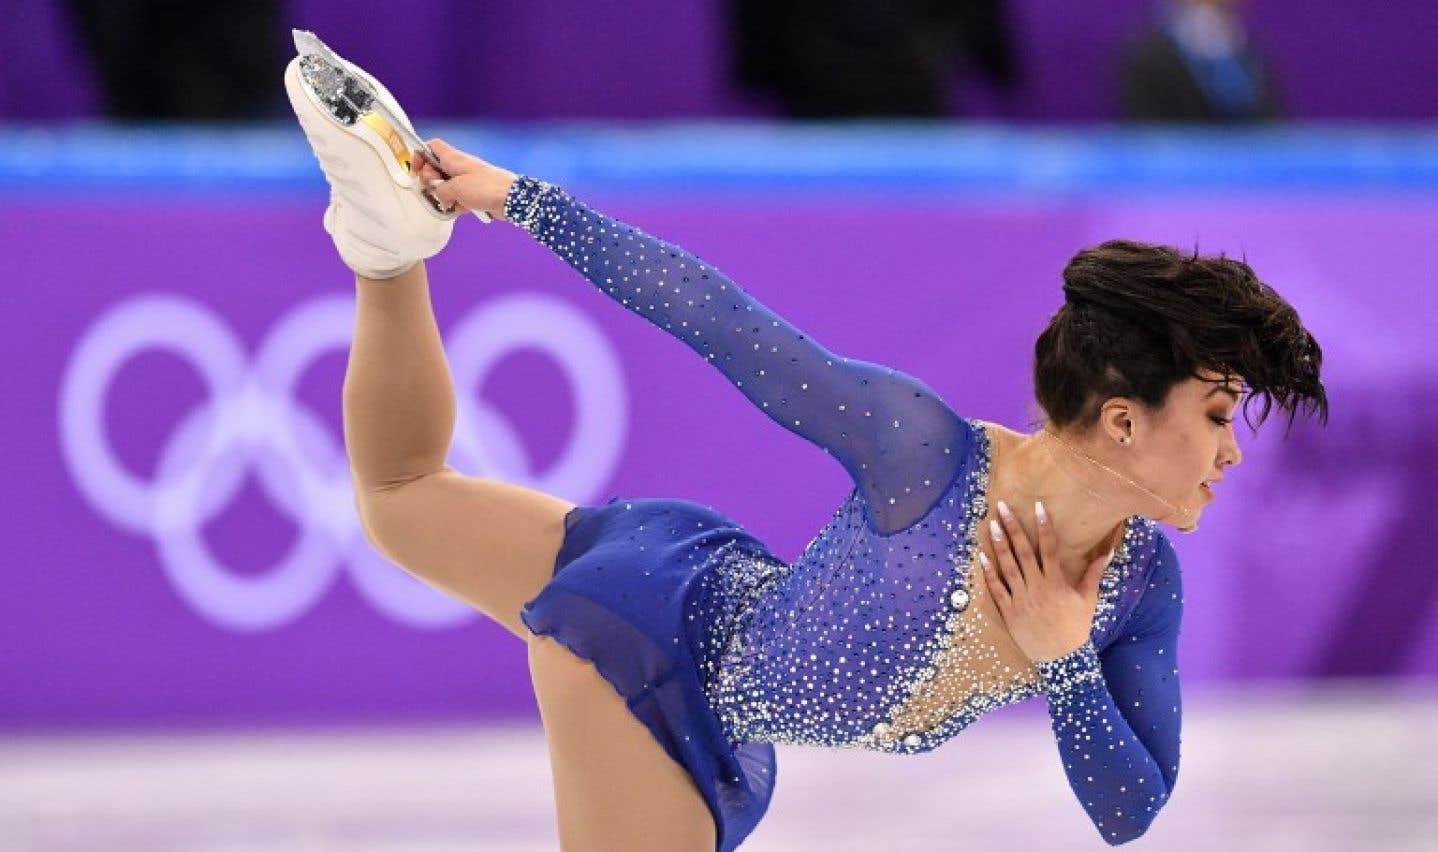 Patinage artistique: le Canada assuré de remporter l'or olympique par équipes